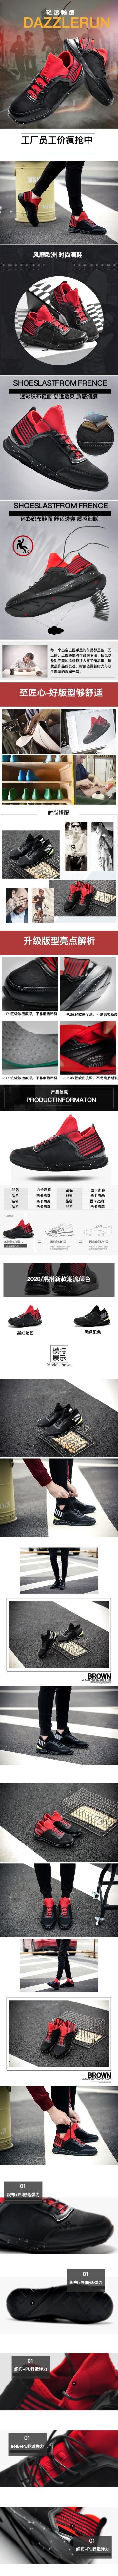 时尚炫酷跑步运动鞋电商详情图